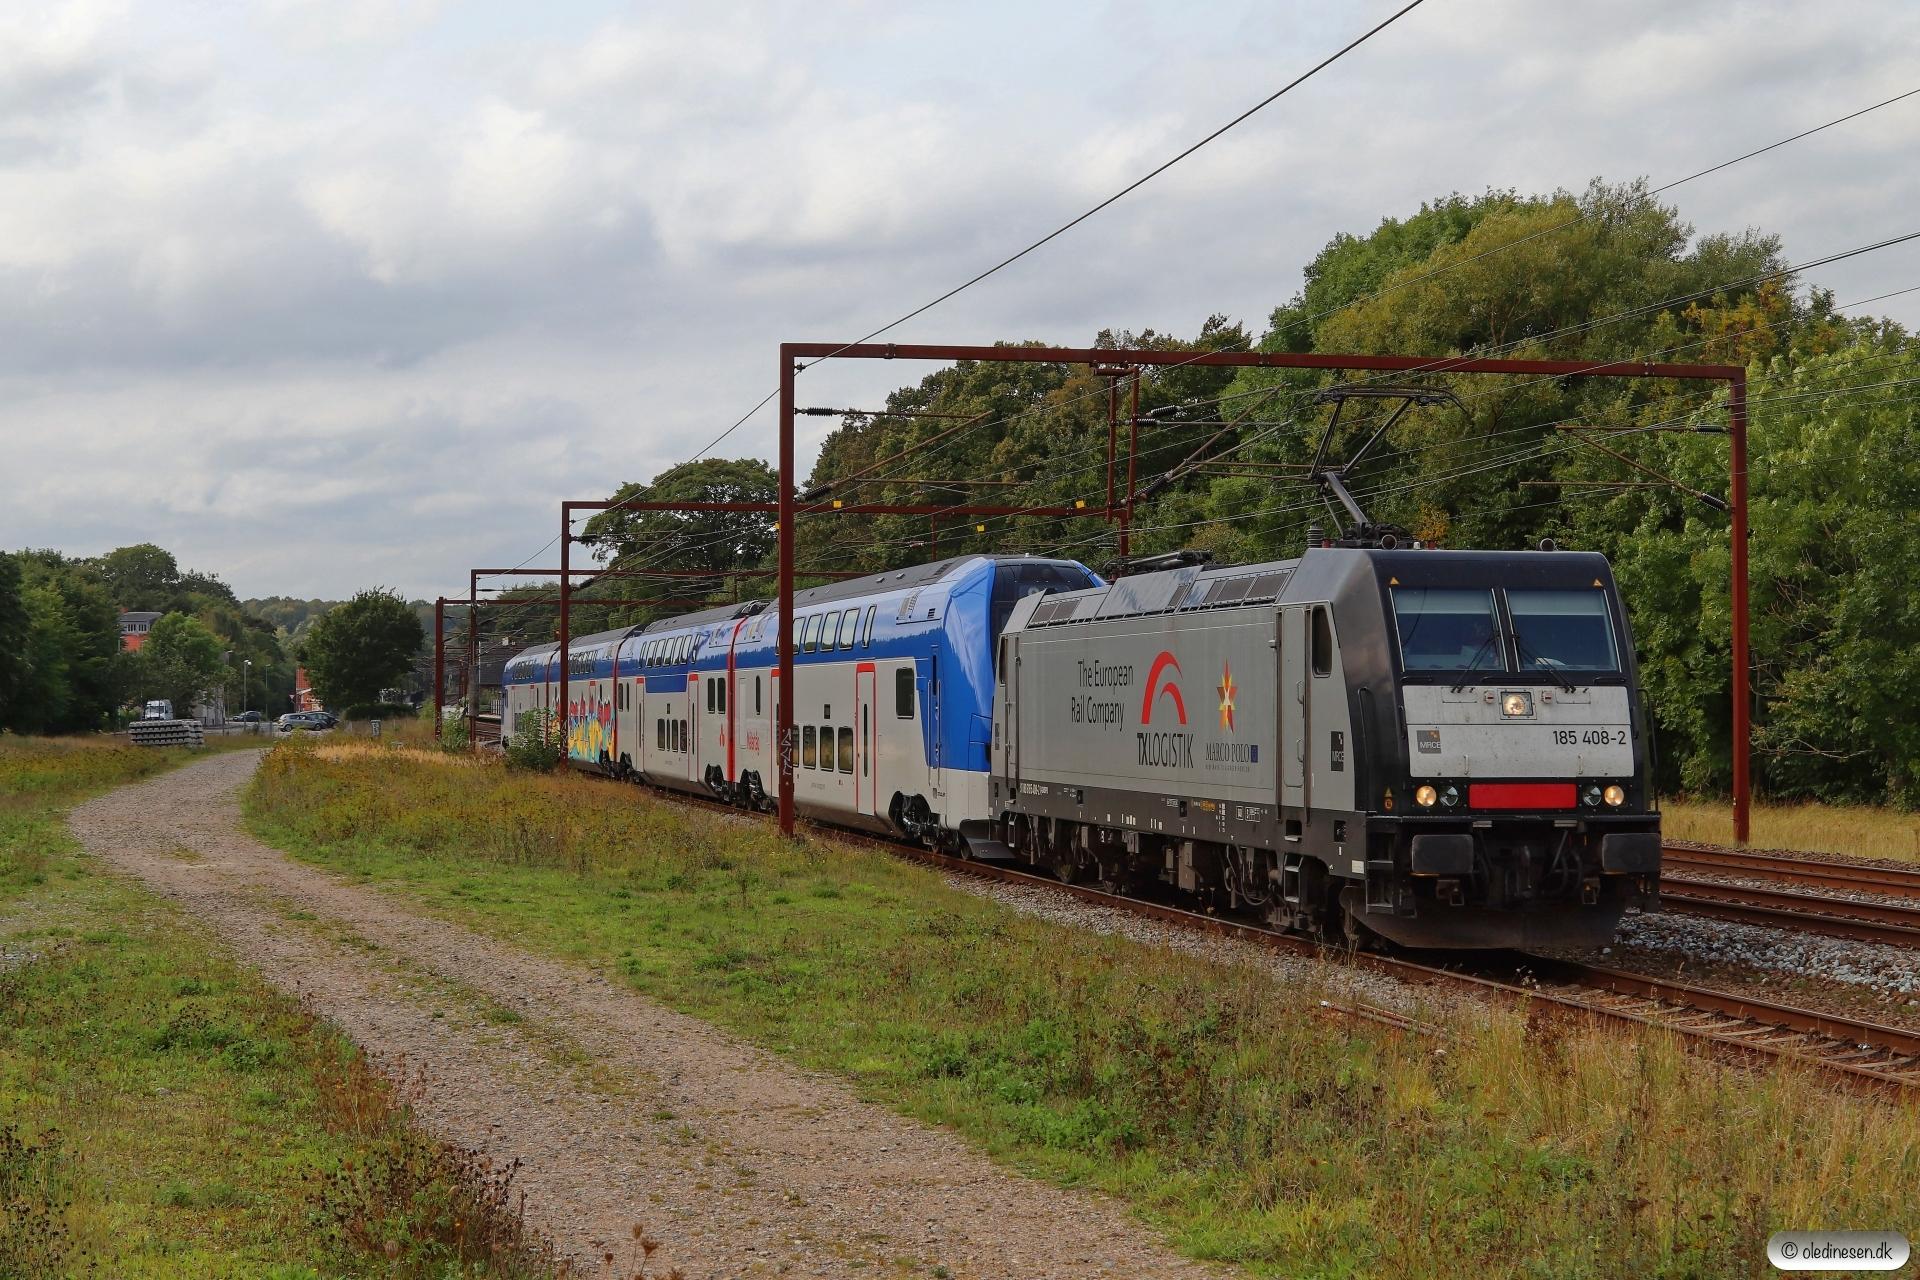 TXL 185 408-2+ABTR ER1 027 som TG 44592 Pa-Mgb. Årup 11.09.2020.